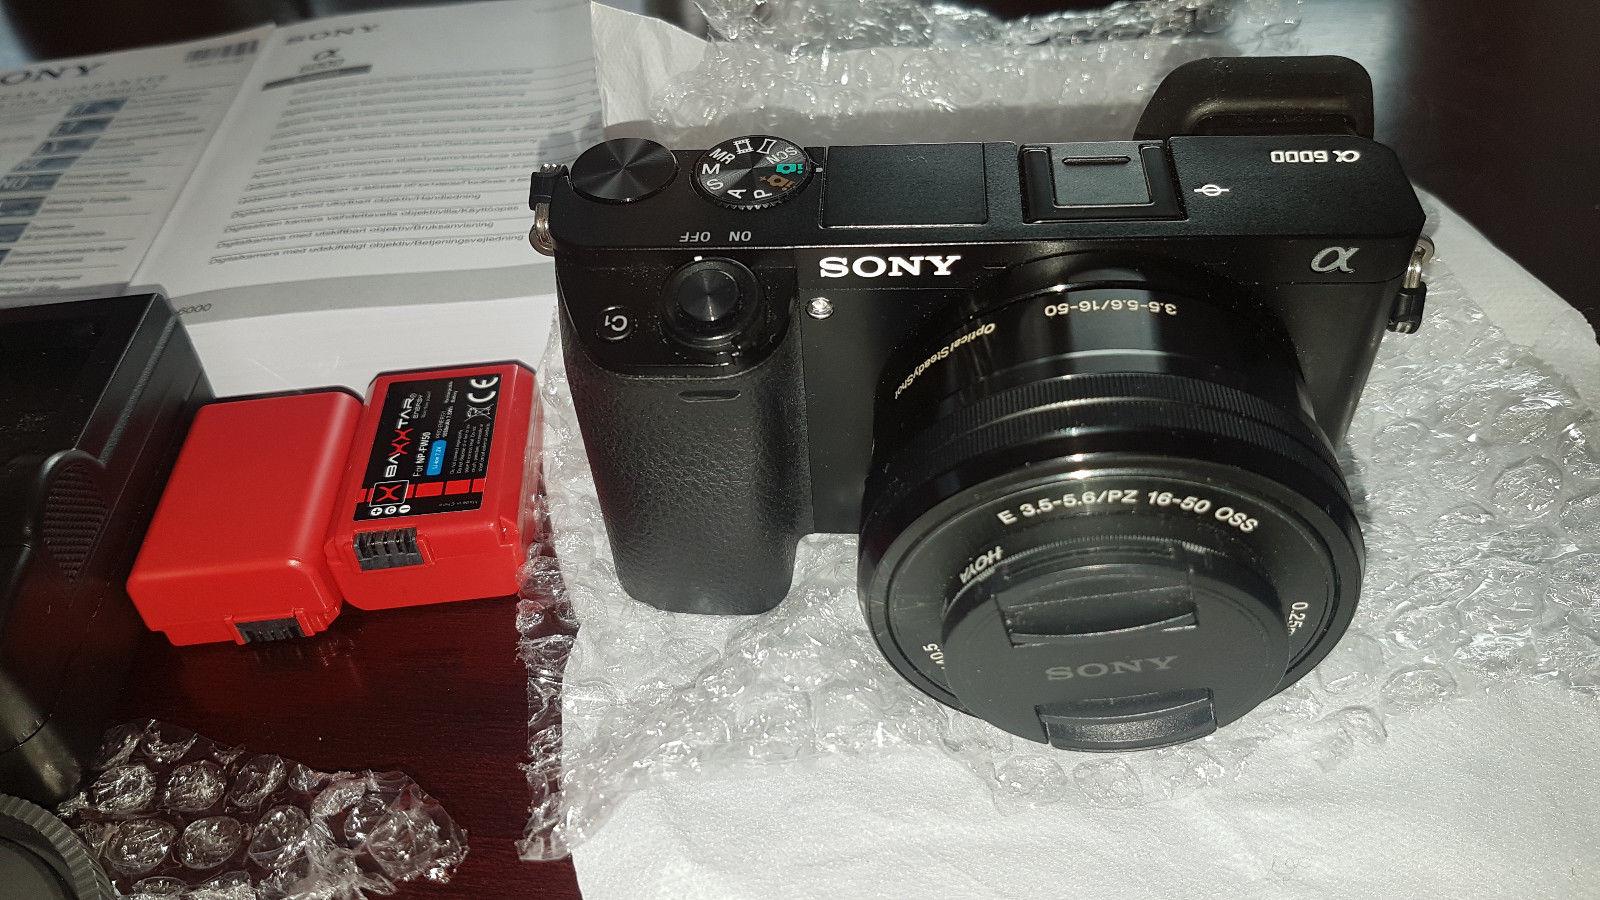 Sony Alpha ILCE-6000L 24.3 MP - Kit m/ E PZ 16-50mm neuwertig und Zubehörpaket